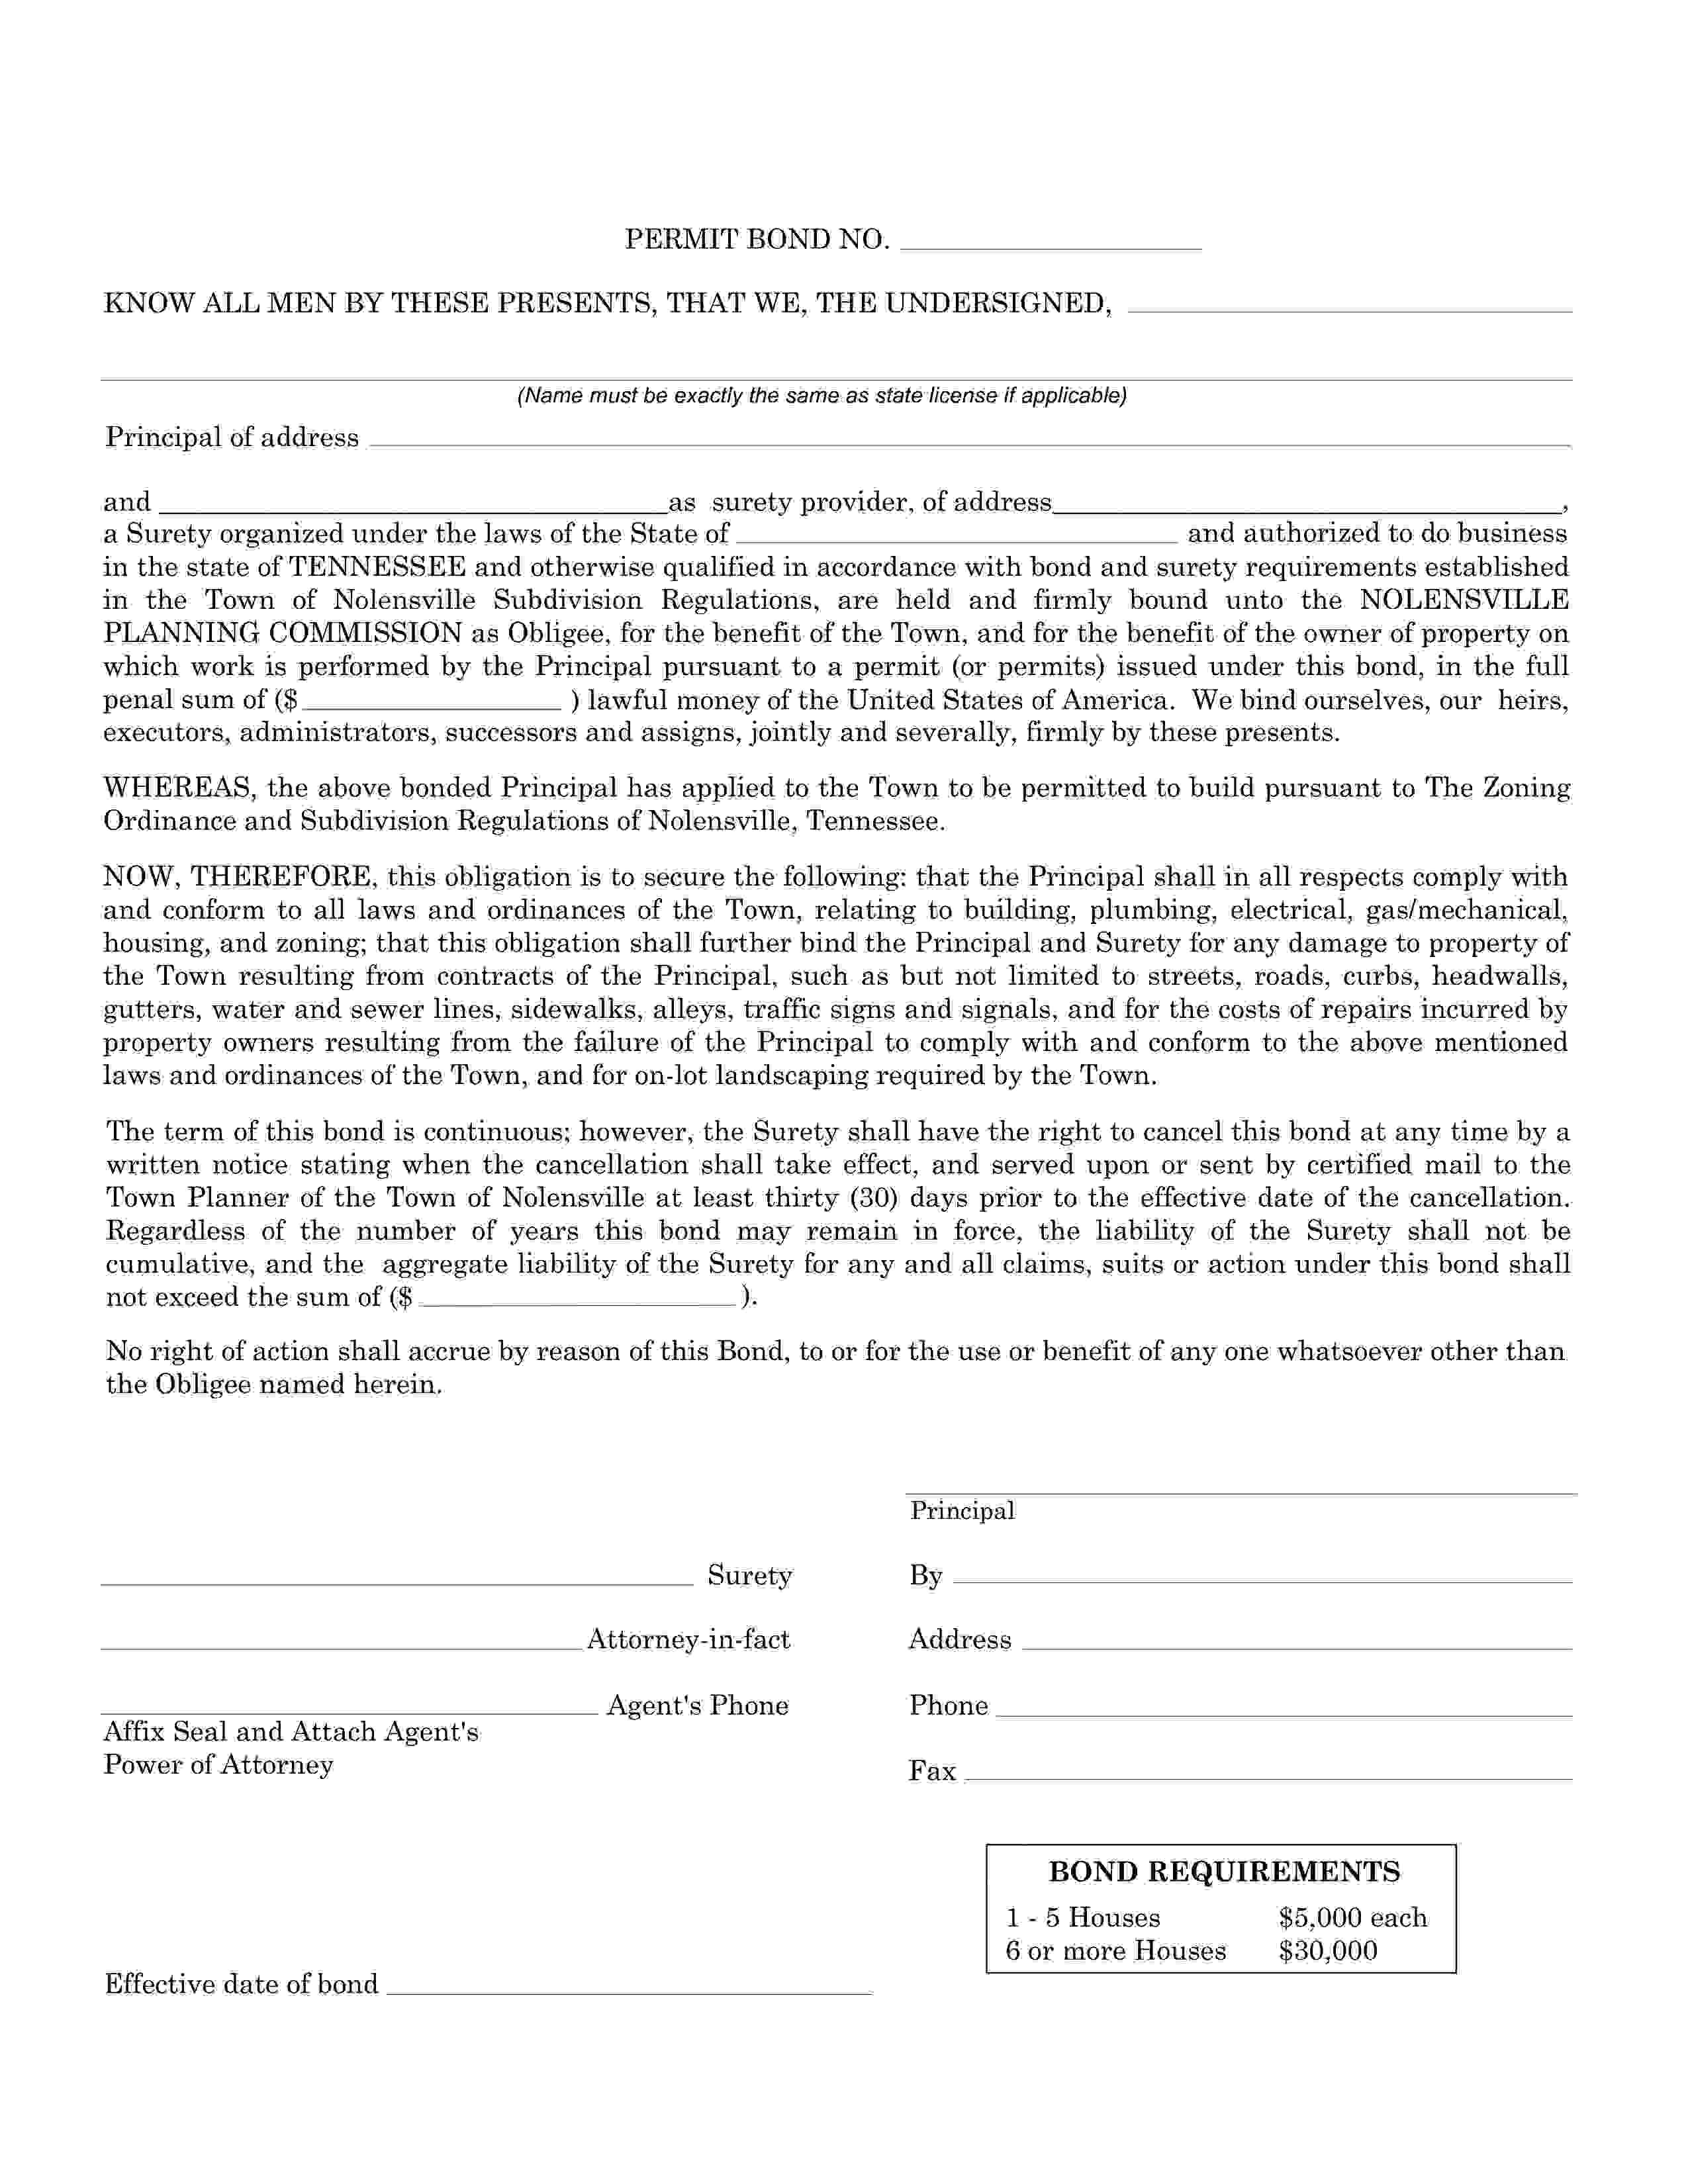 Nolensville Planning Commission Nolensville - Township Permit sample image